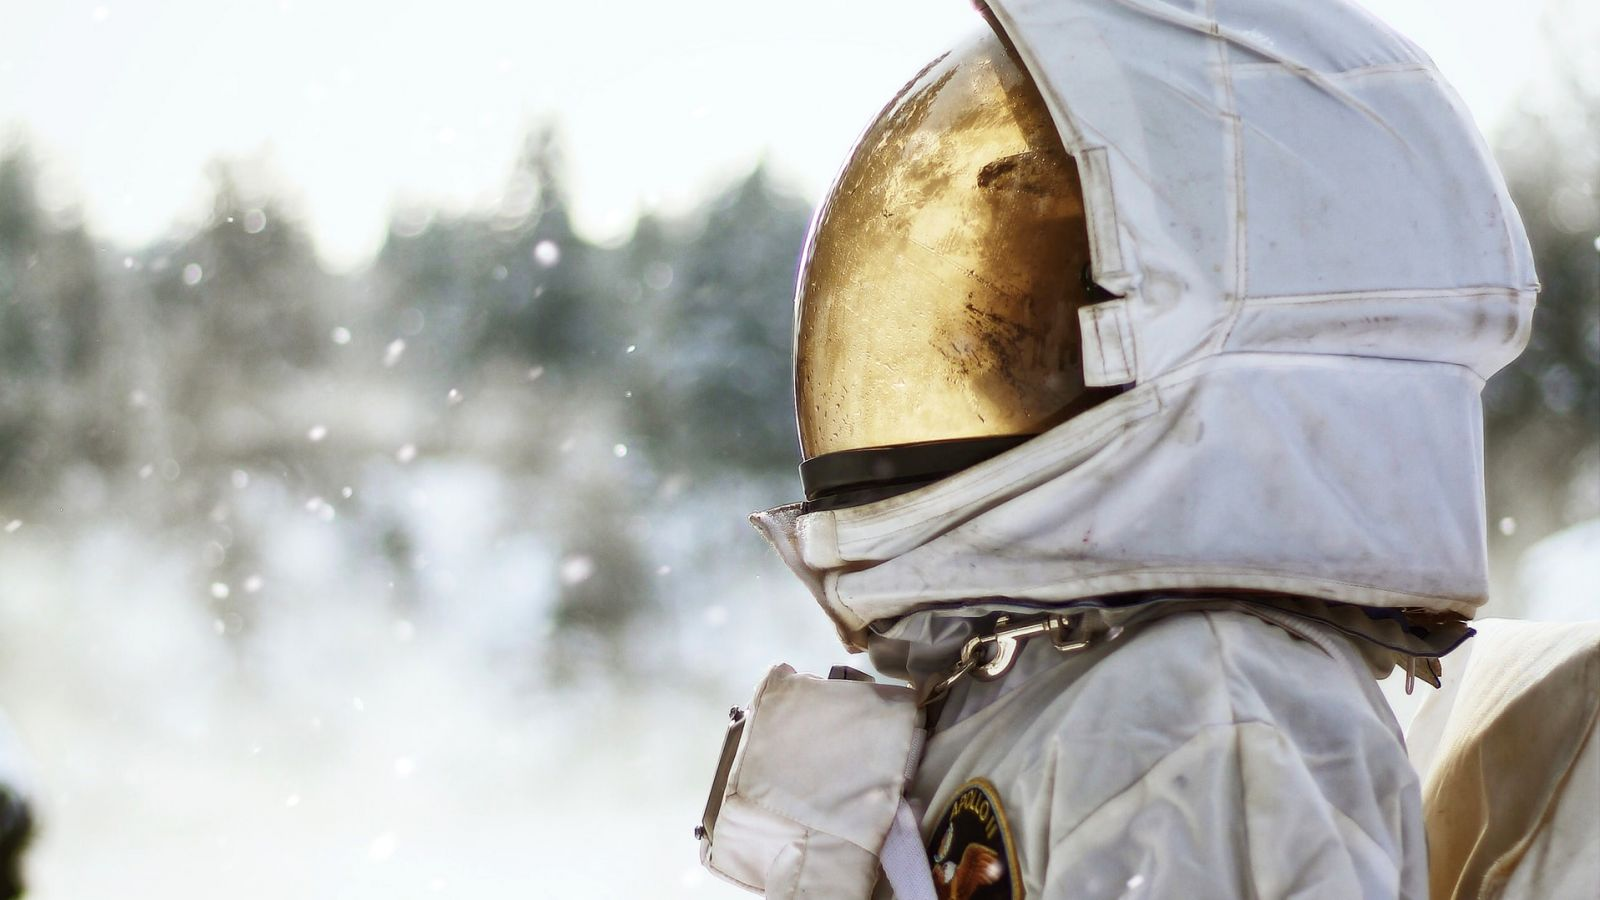 Νομίζατε ότι τα διαστημικά κράνη είναι μόνο για τους αστροναύτες – Και όμως…προστατεύουν από τον κορονοϊό